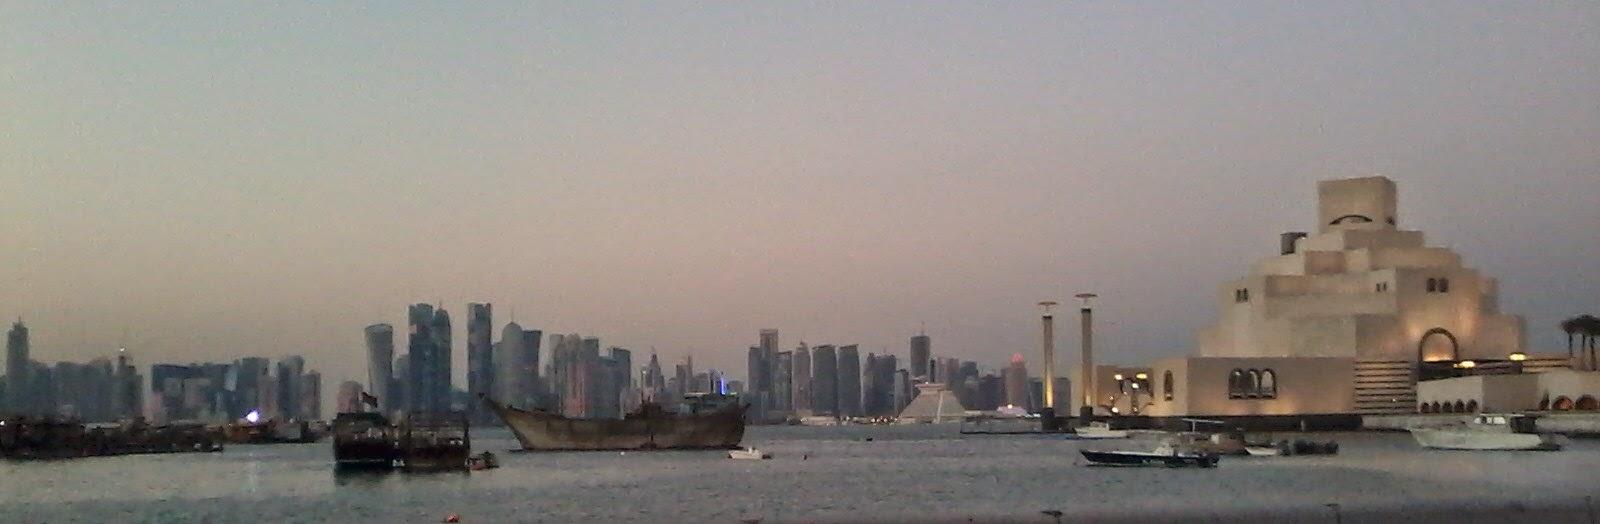 Doha Qatar Arabian Gulf Water